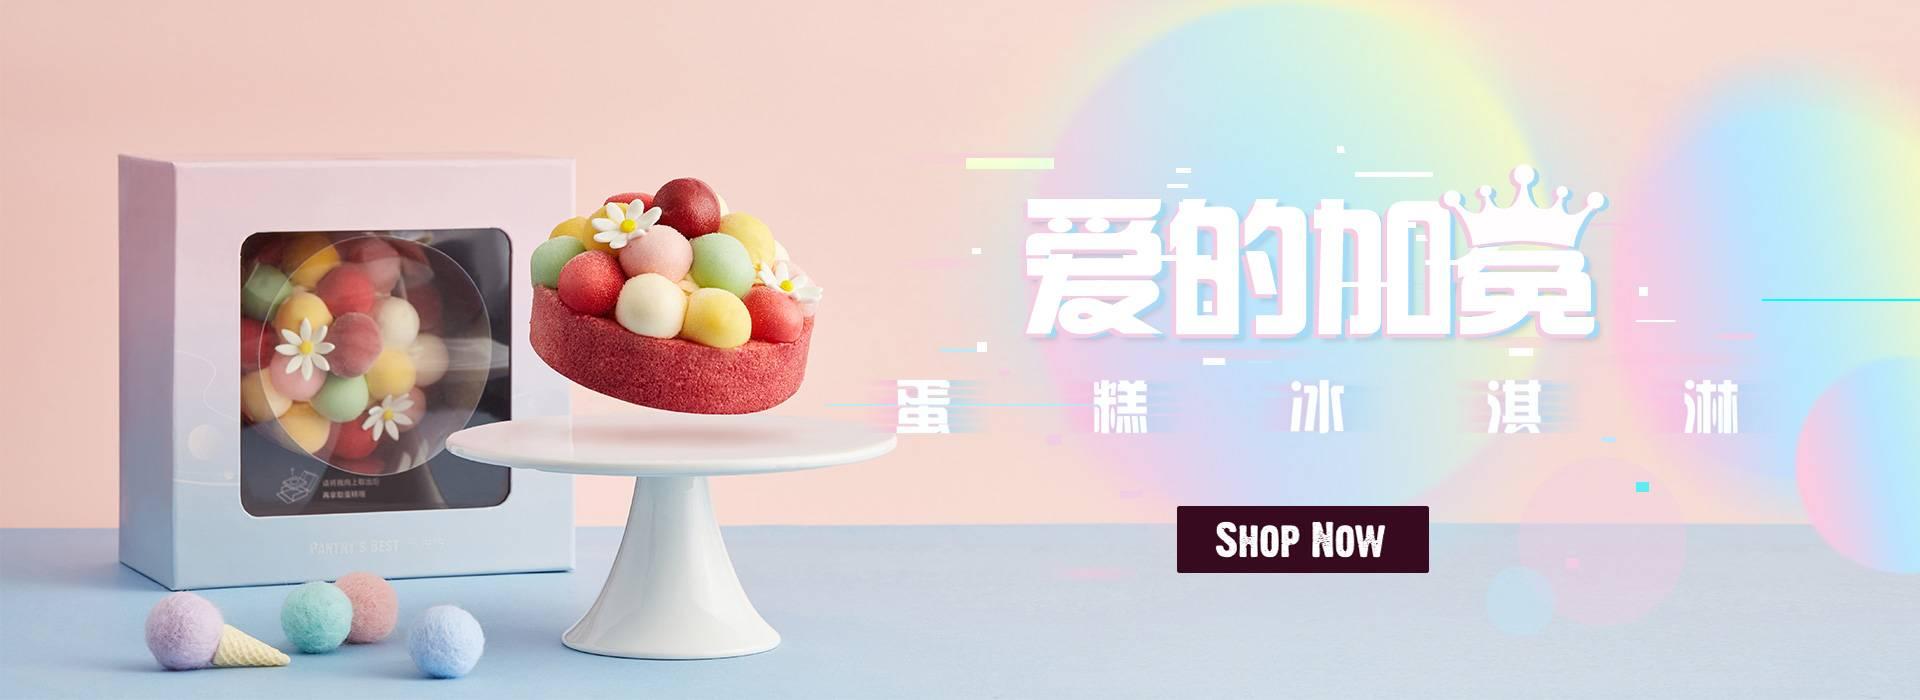 爱的加冕蛋糕冰淇淋